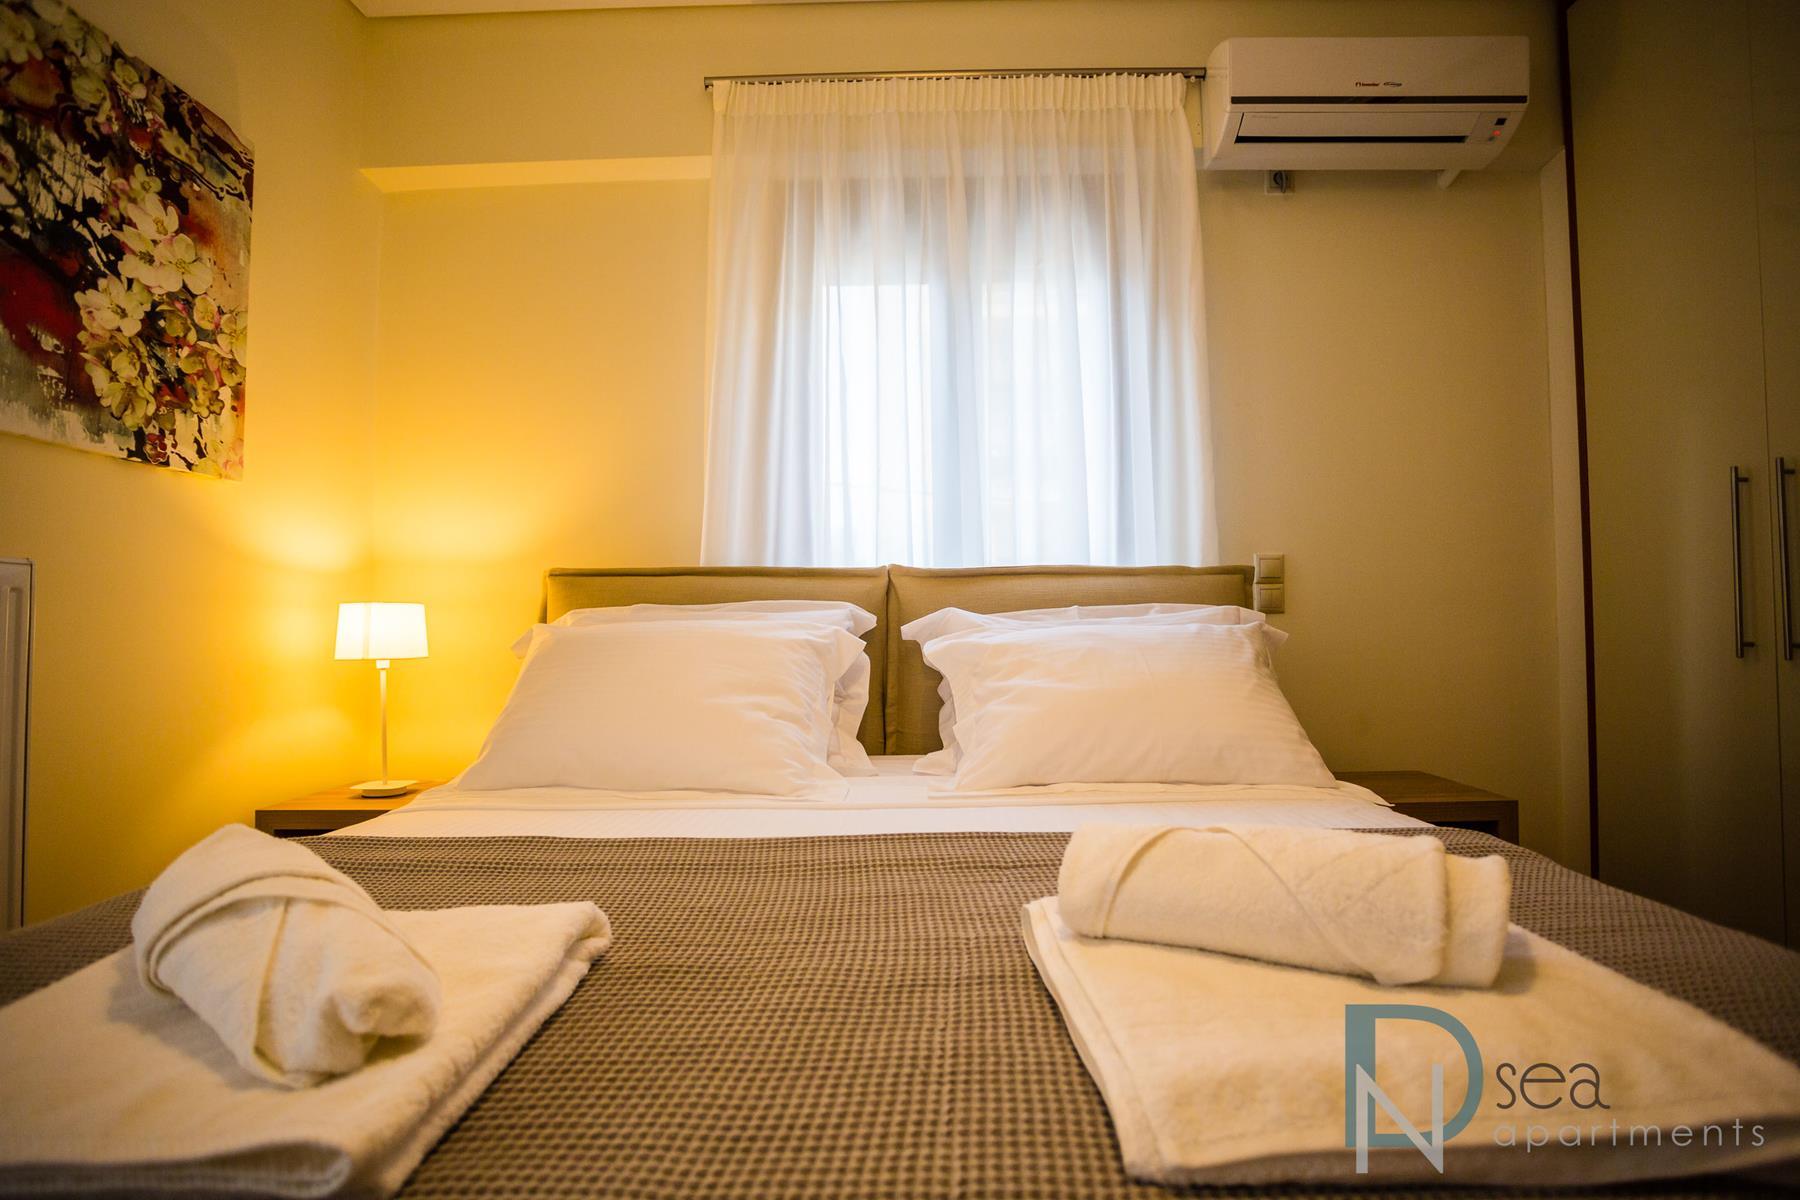 accommodation in kalamata - DN Sea Apartments